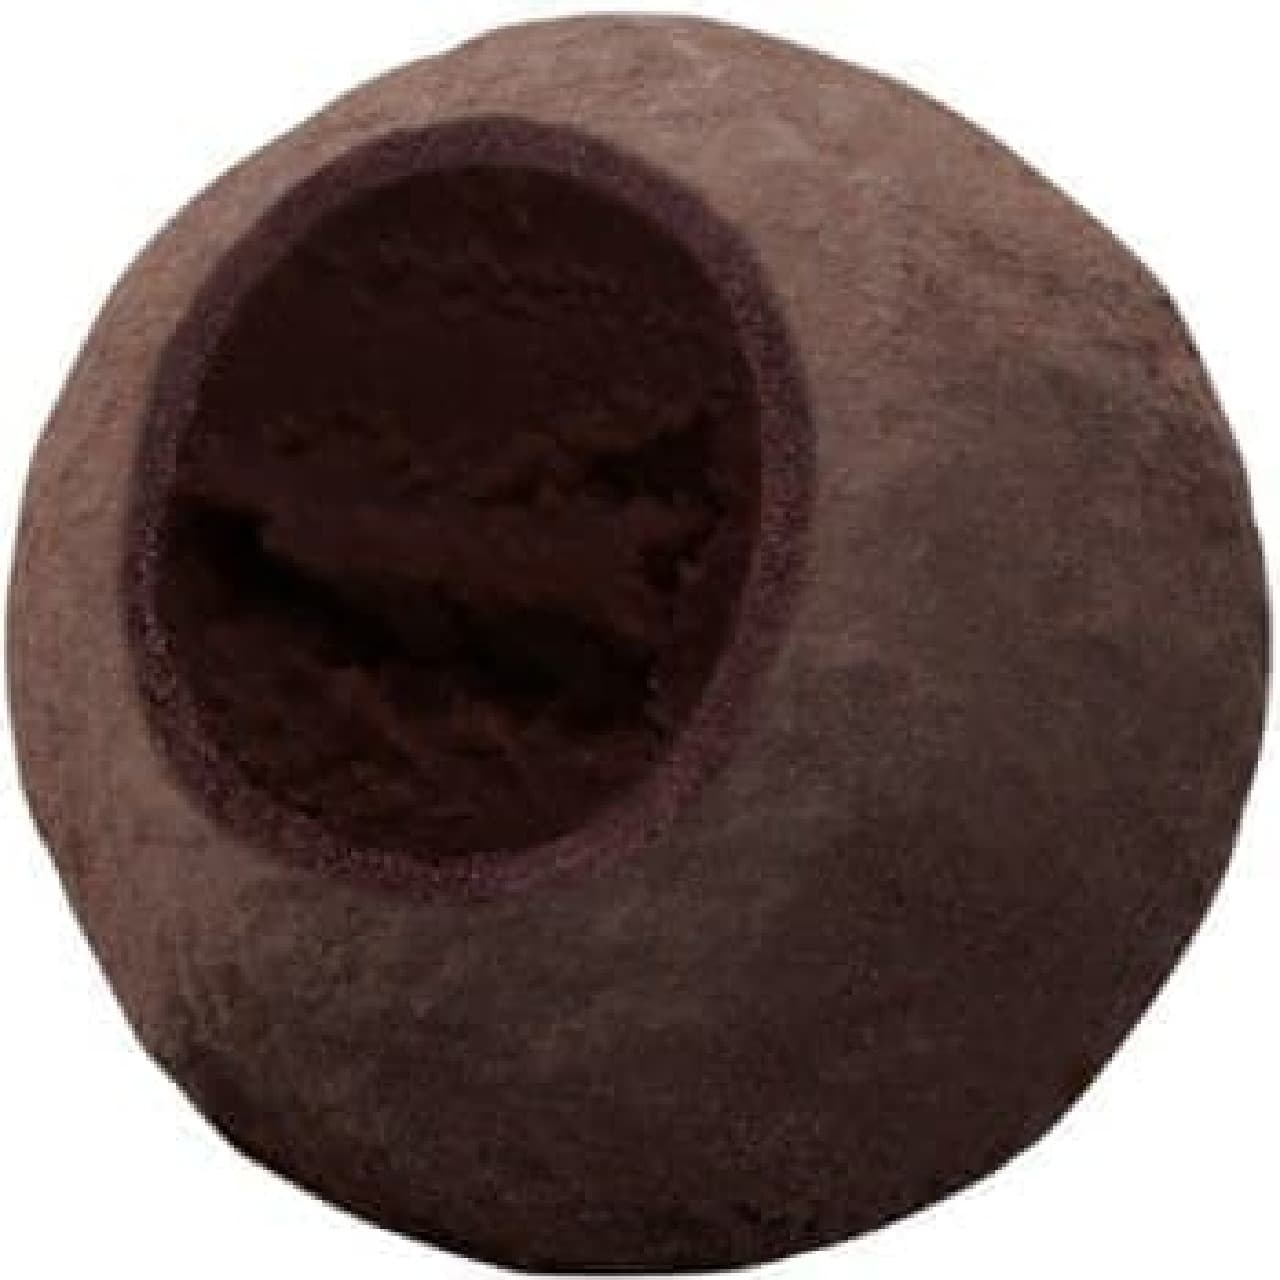 ブルボン「黒トリュフチョコレート」